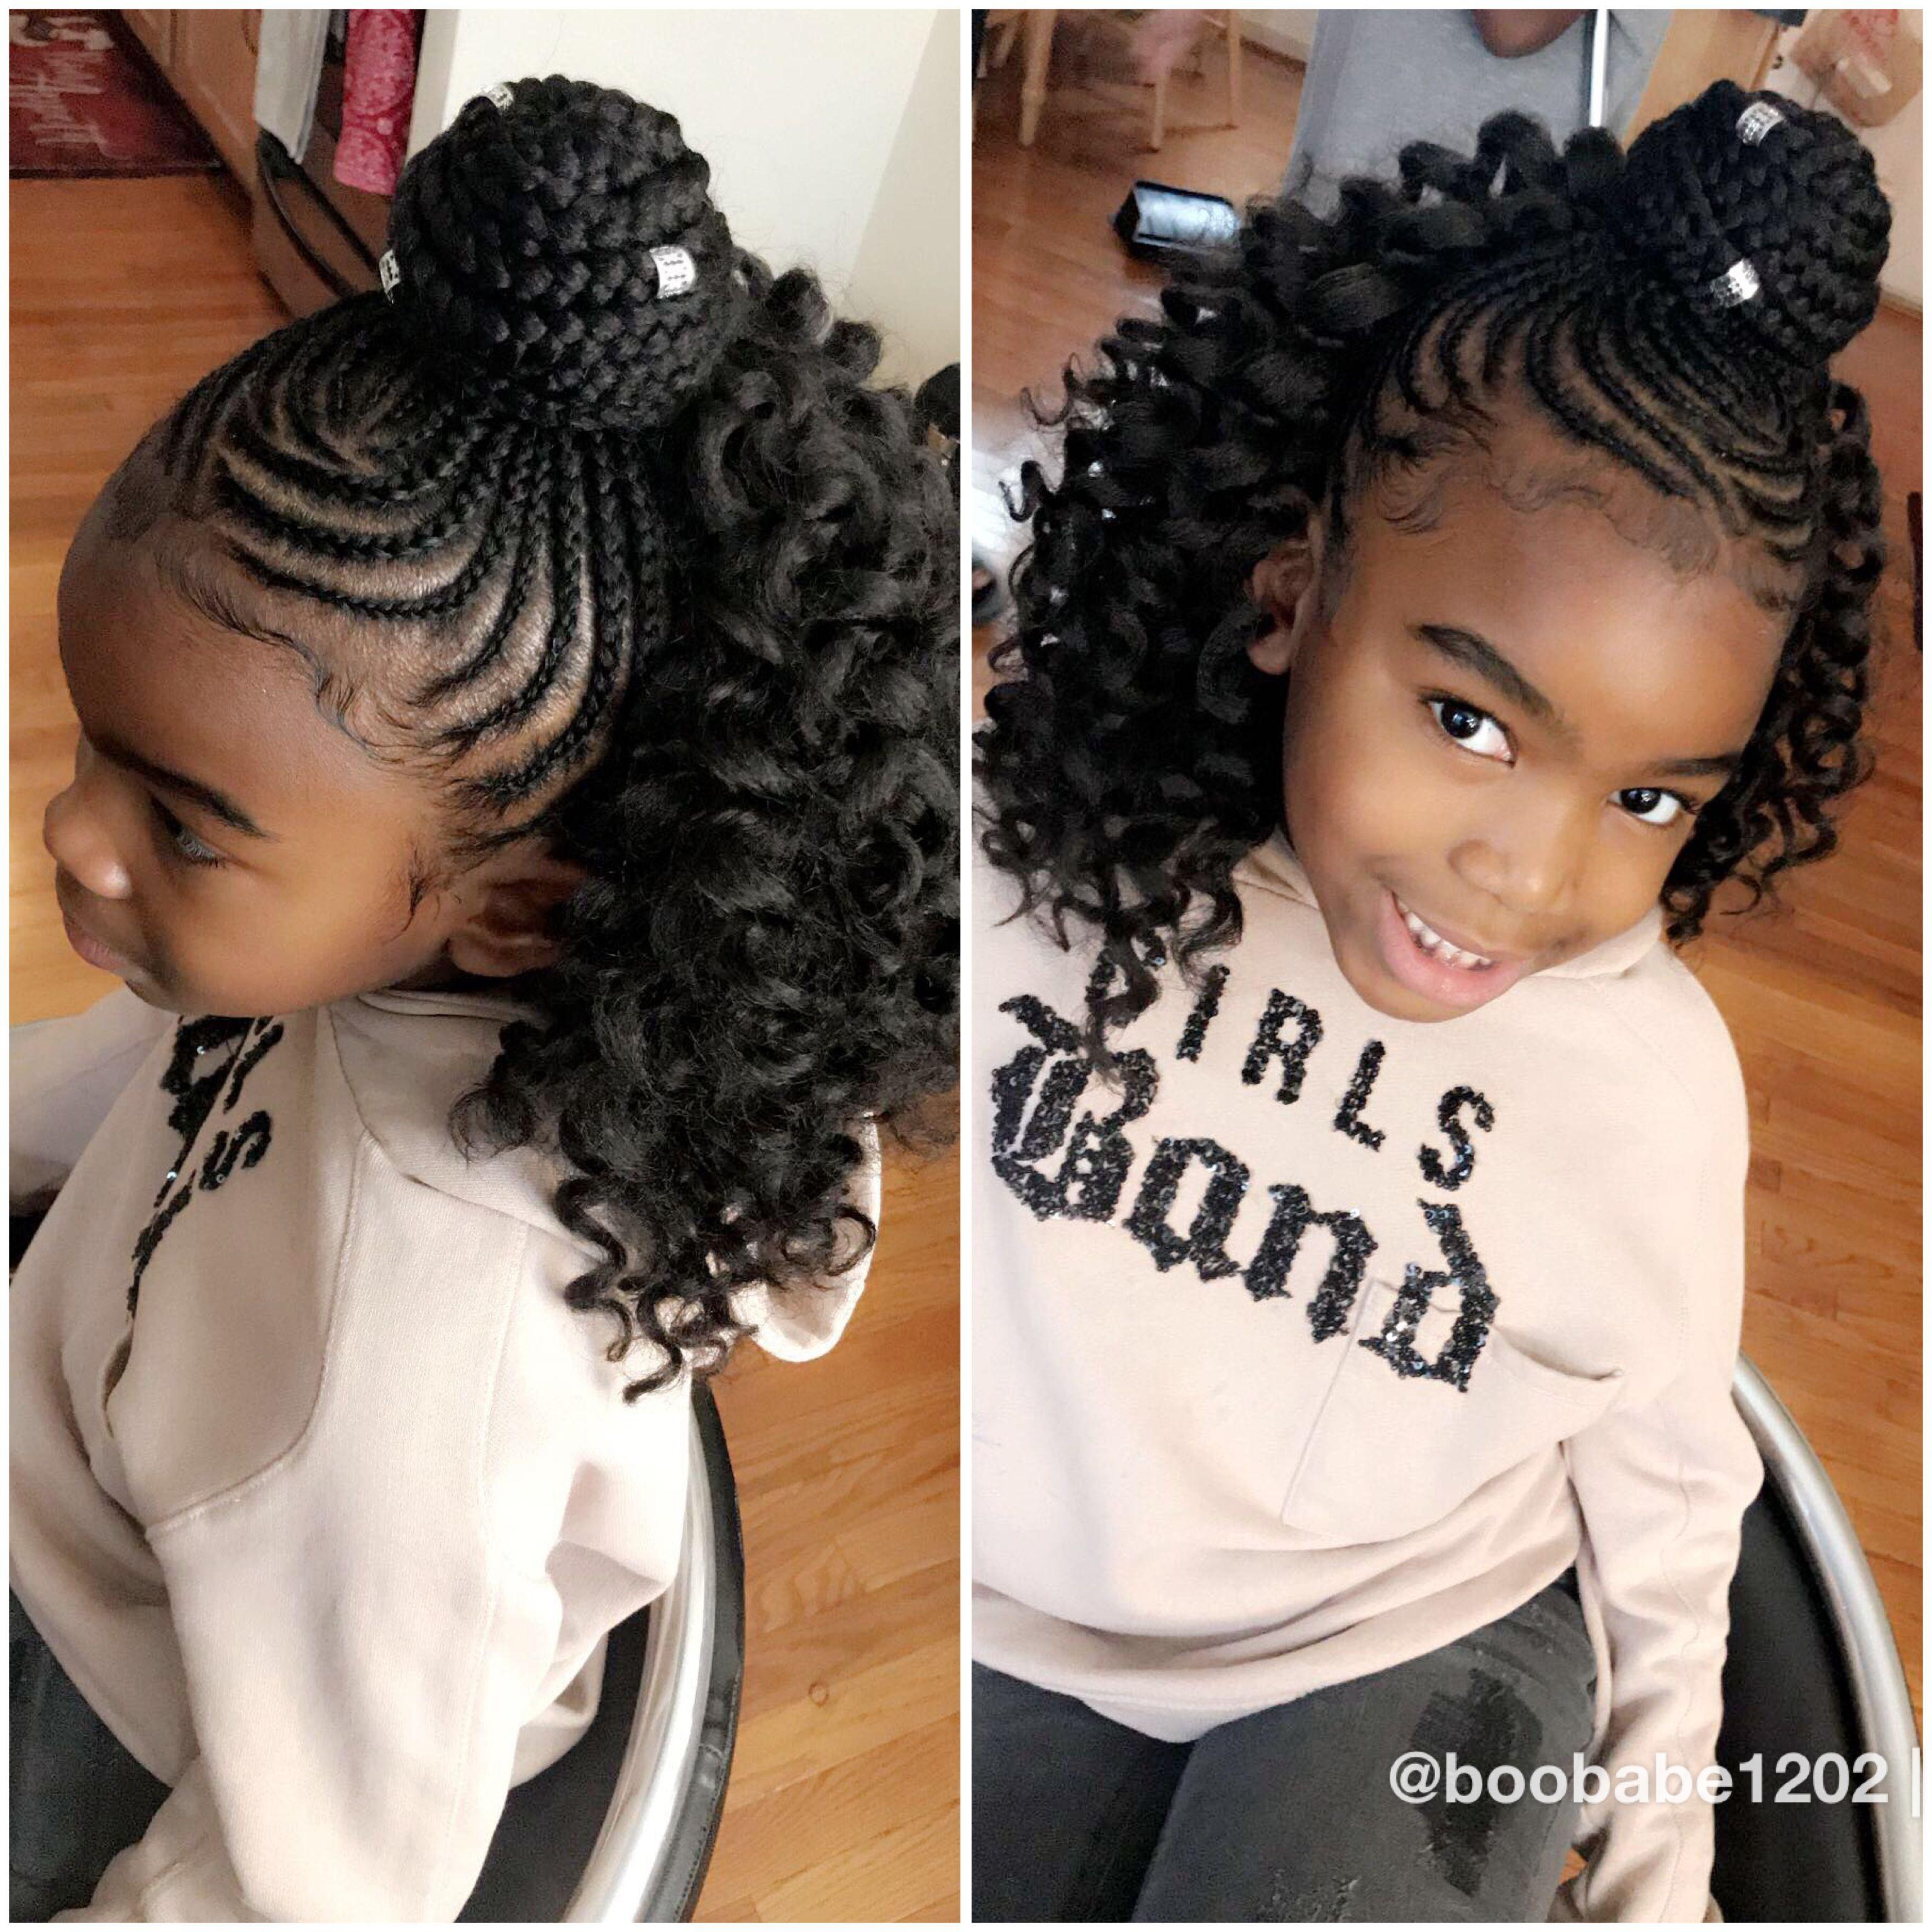 Hairstyles Kid Braid Styles Kids Crochet Hairstyles Kids Braided Hairstyles